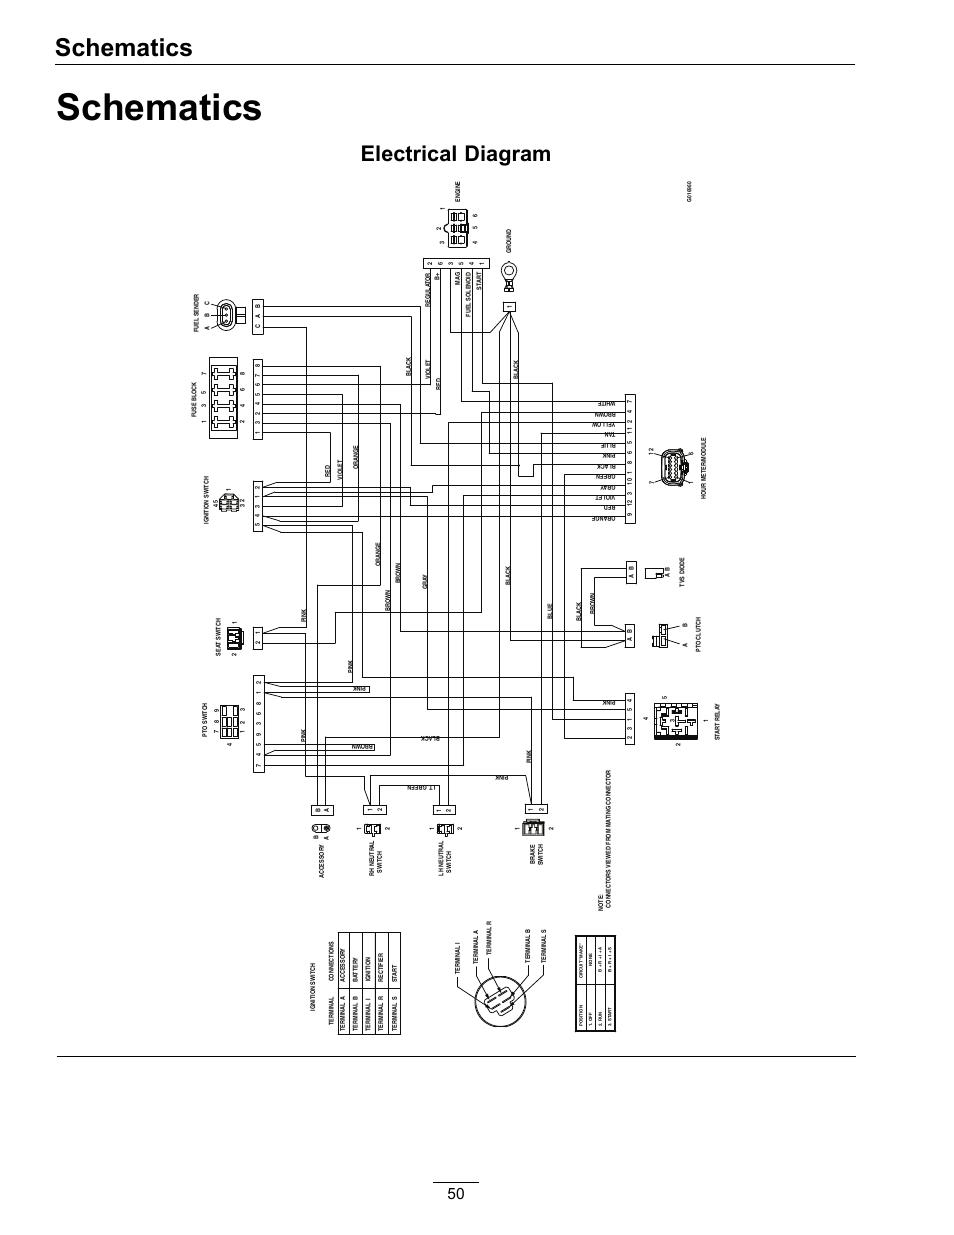 Nissan Pathfinder Wiring Diagram 05 Pathfinder Evap